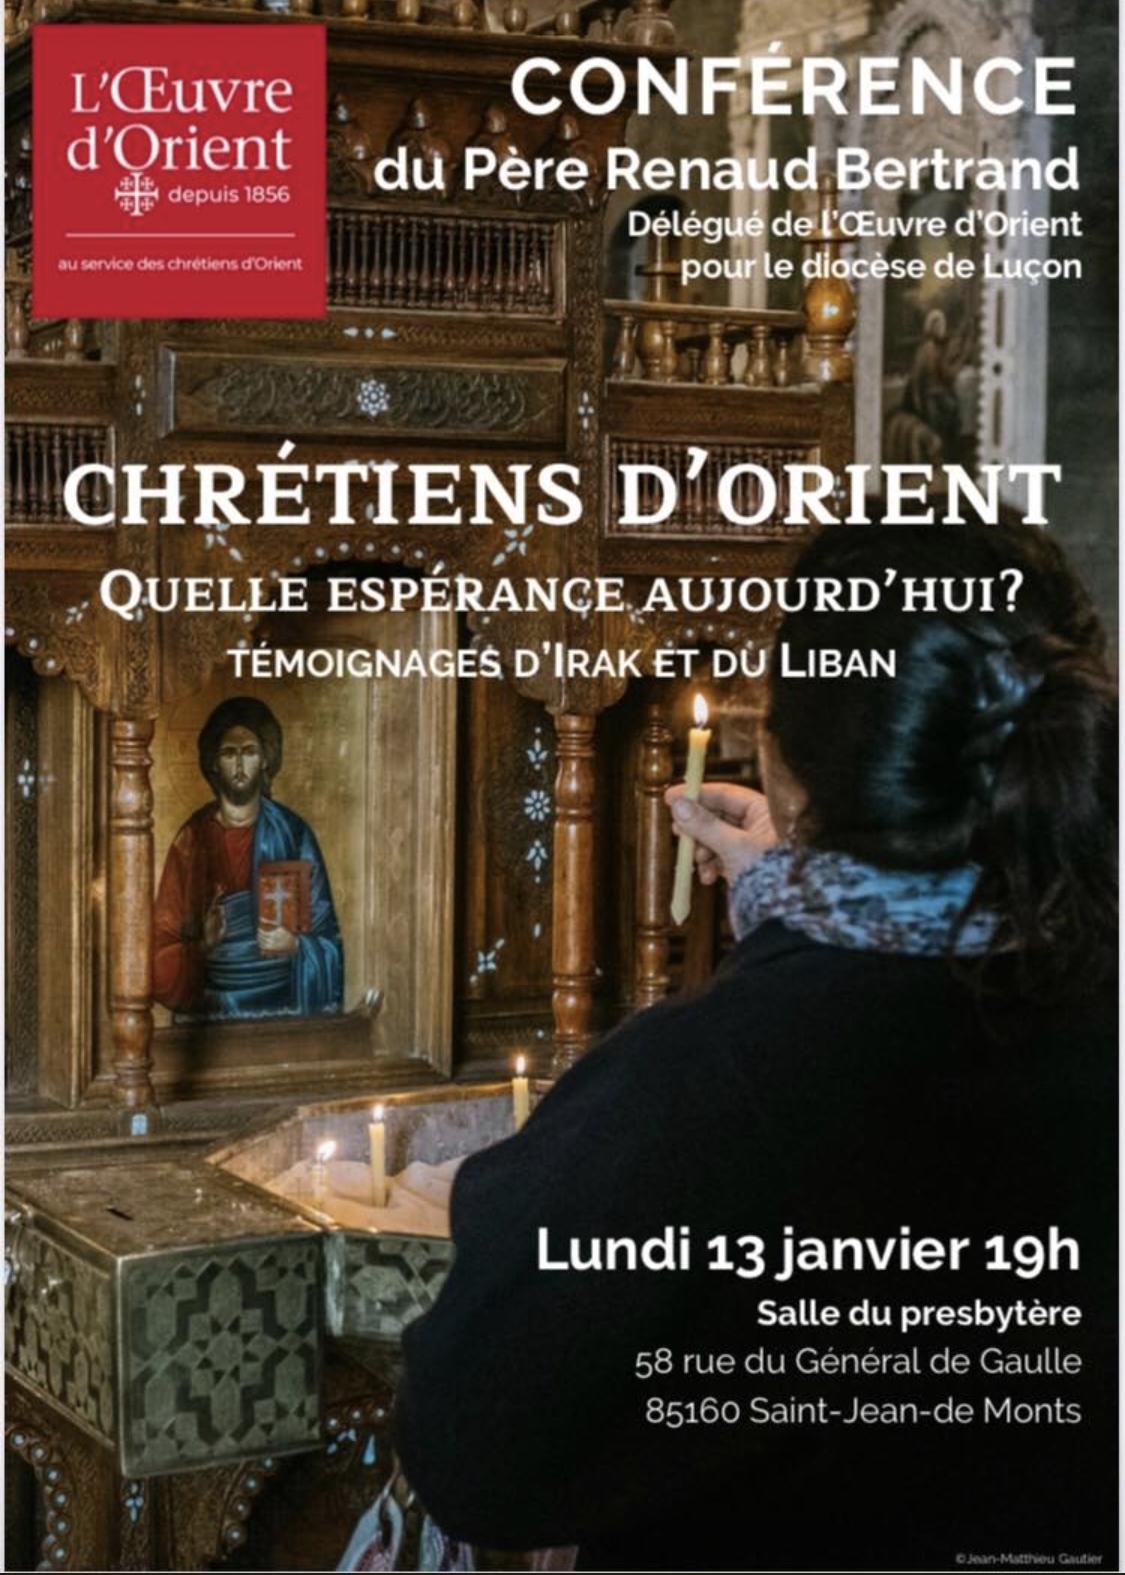 Saint-Jean-de-Monts: conférence sur les Chrétiens d'Orient